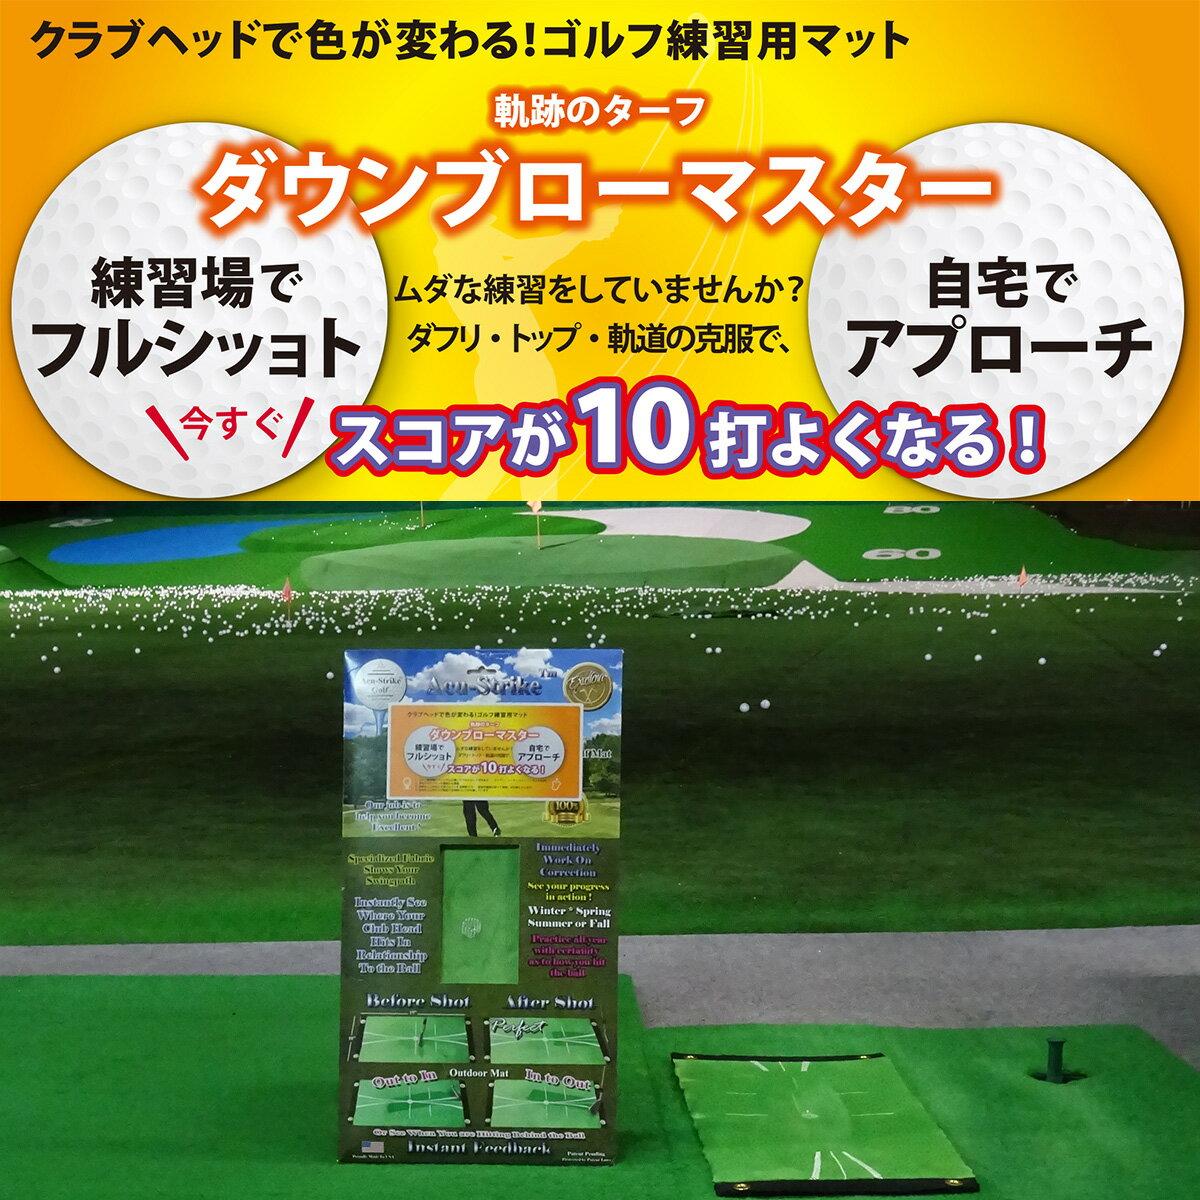 ゴルフマット ダウンブローマスター ゴルフ練習マット 賢いマット色が変わる 特許出願中 スイング パター 練習器具 ダフリ解消 素振り ゴルフ 練習 マット